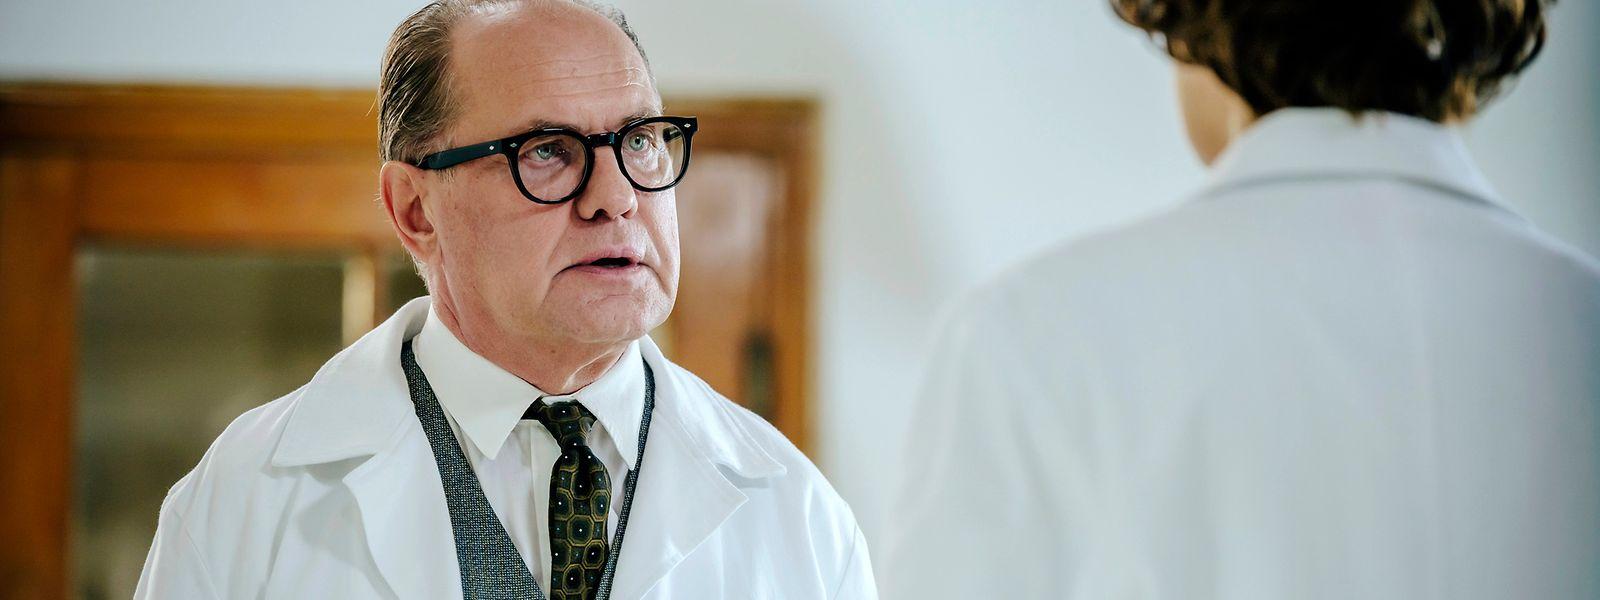 """Fühlt sich nach den Geburten seiner vier Kinder bereit für die Rolle: Uwe Ochsenknecht spielt in den sechs neuen Folgen der Klinikserie """"Charité"""" den erfolgreichen Gynäkologen Helmut Kraatz."""